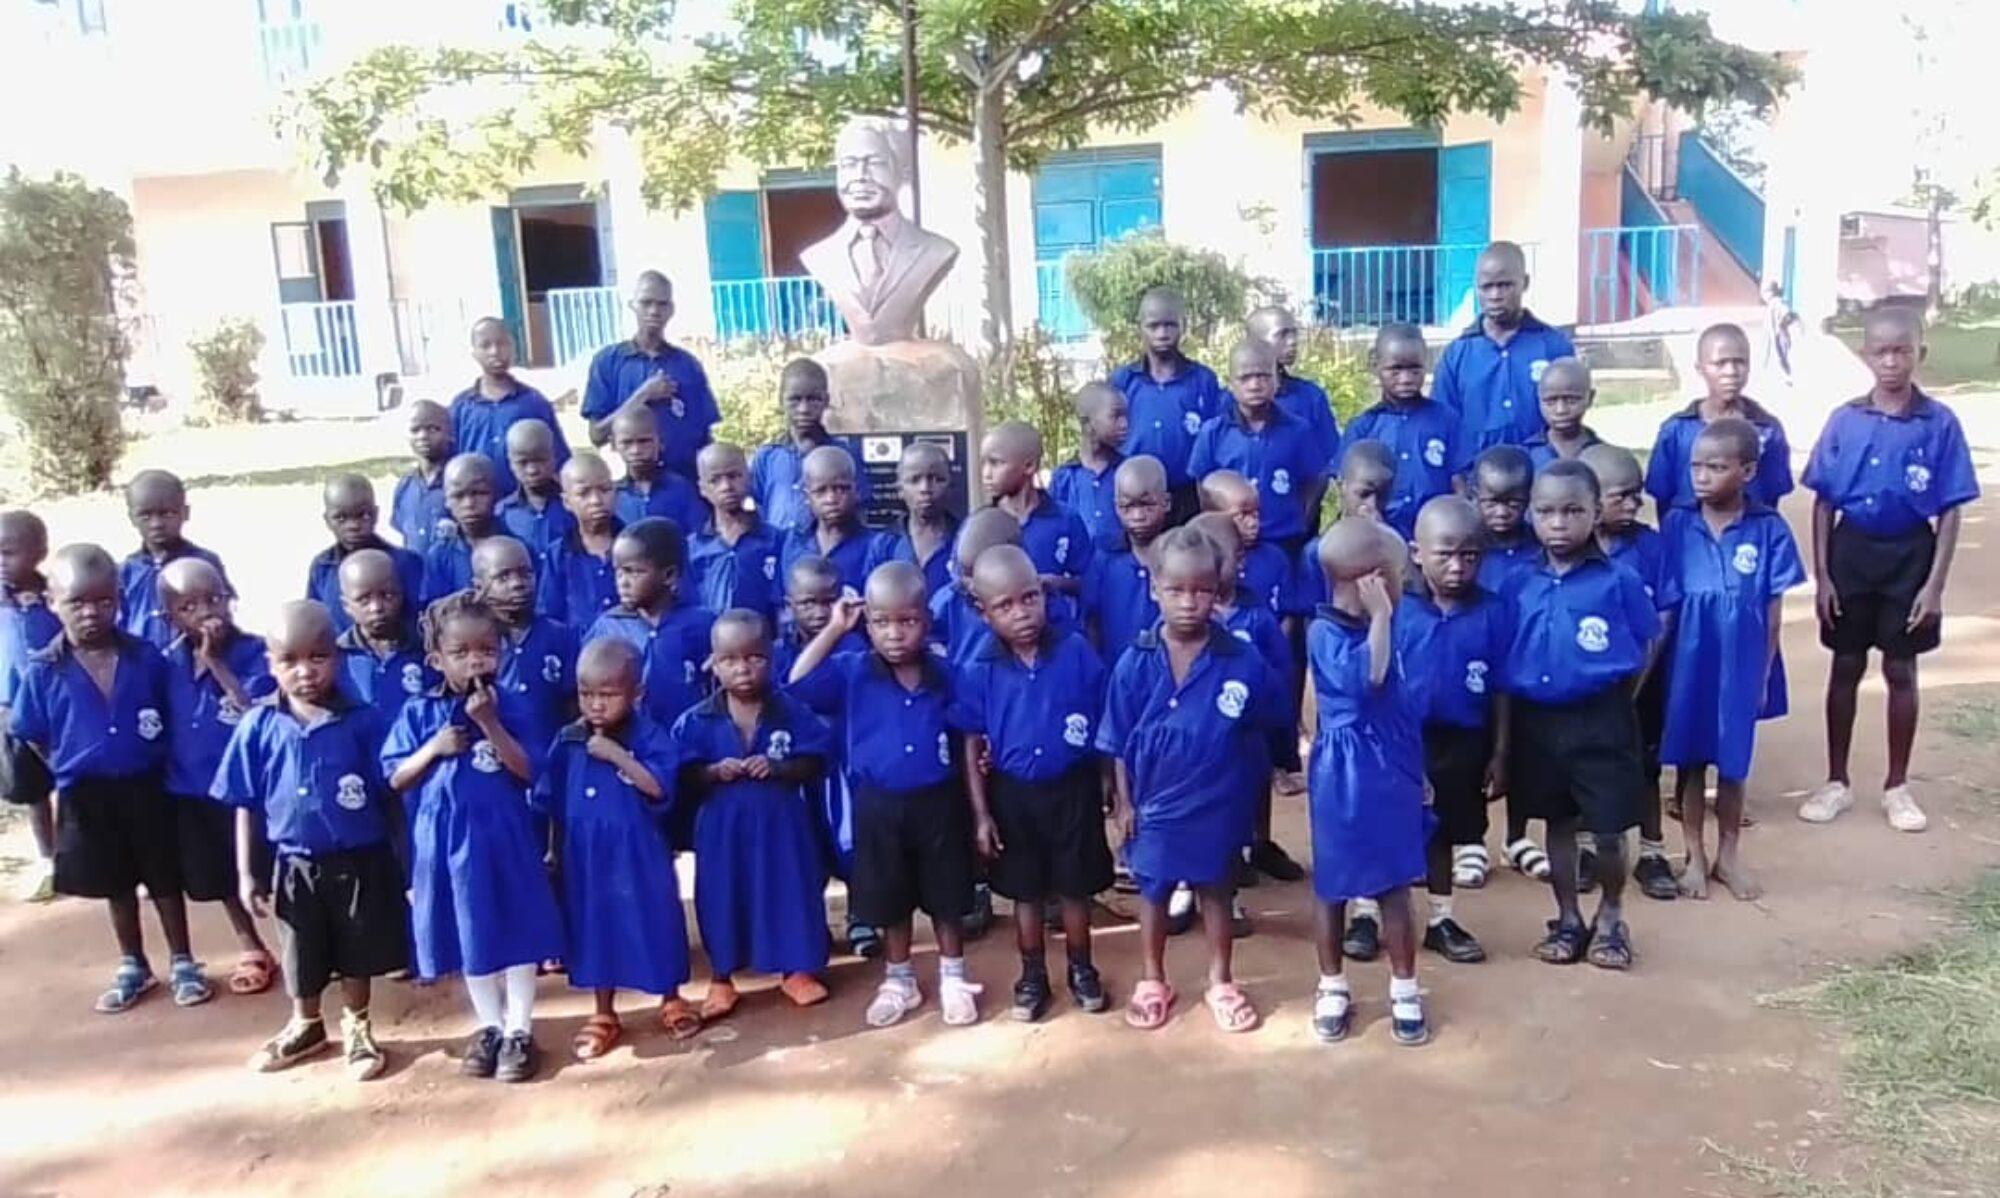 Hilfe für Afrika gegen AIDS und Malaria e. V.